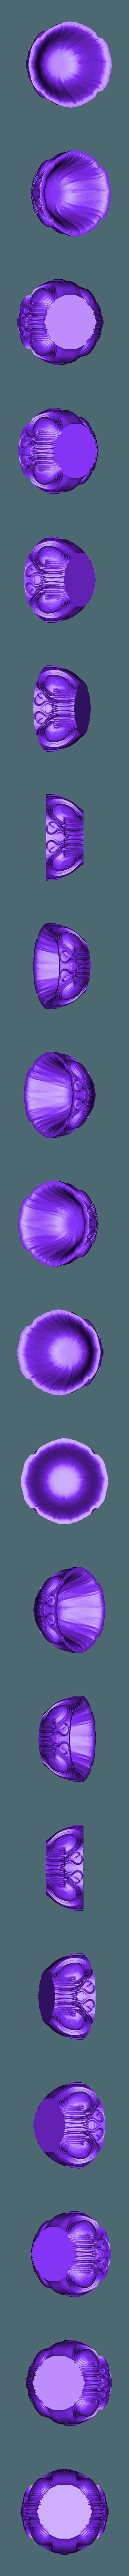 alienvase8.stl Télécharger fichier STL Collection de poteries étrangères • Objet pour imprimante 3D, ferjerez3d